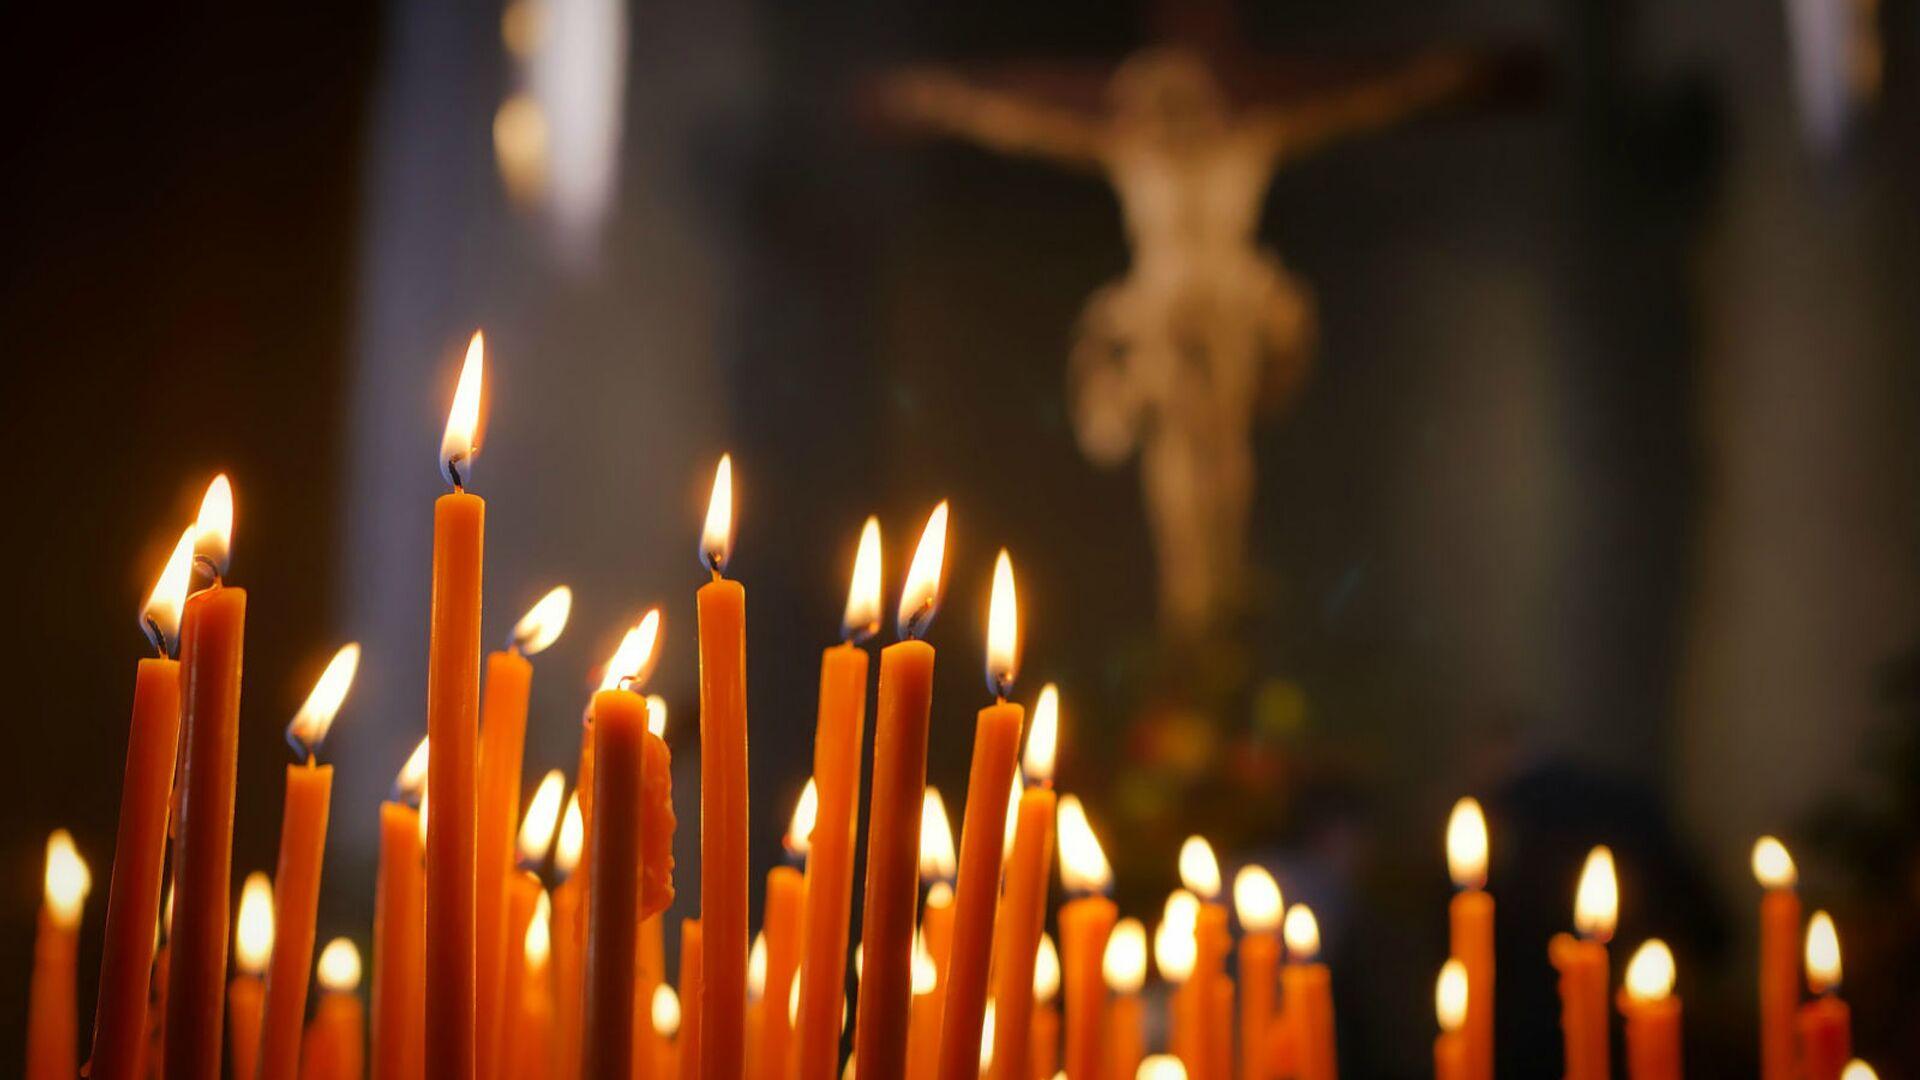 Зажженные свечи  - Sputnik Արմենիա, 1920, 13.04.2021